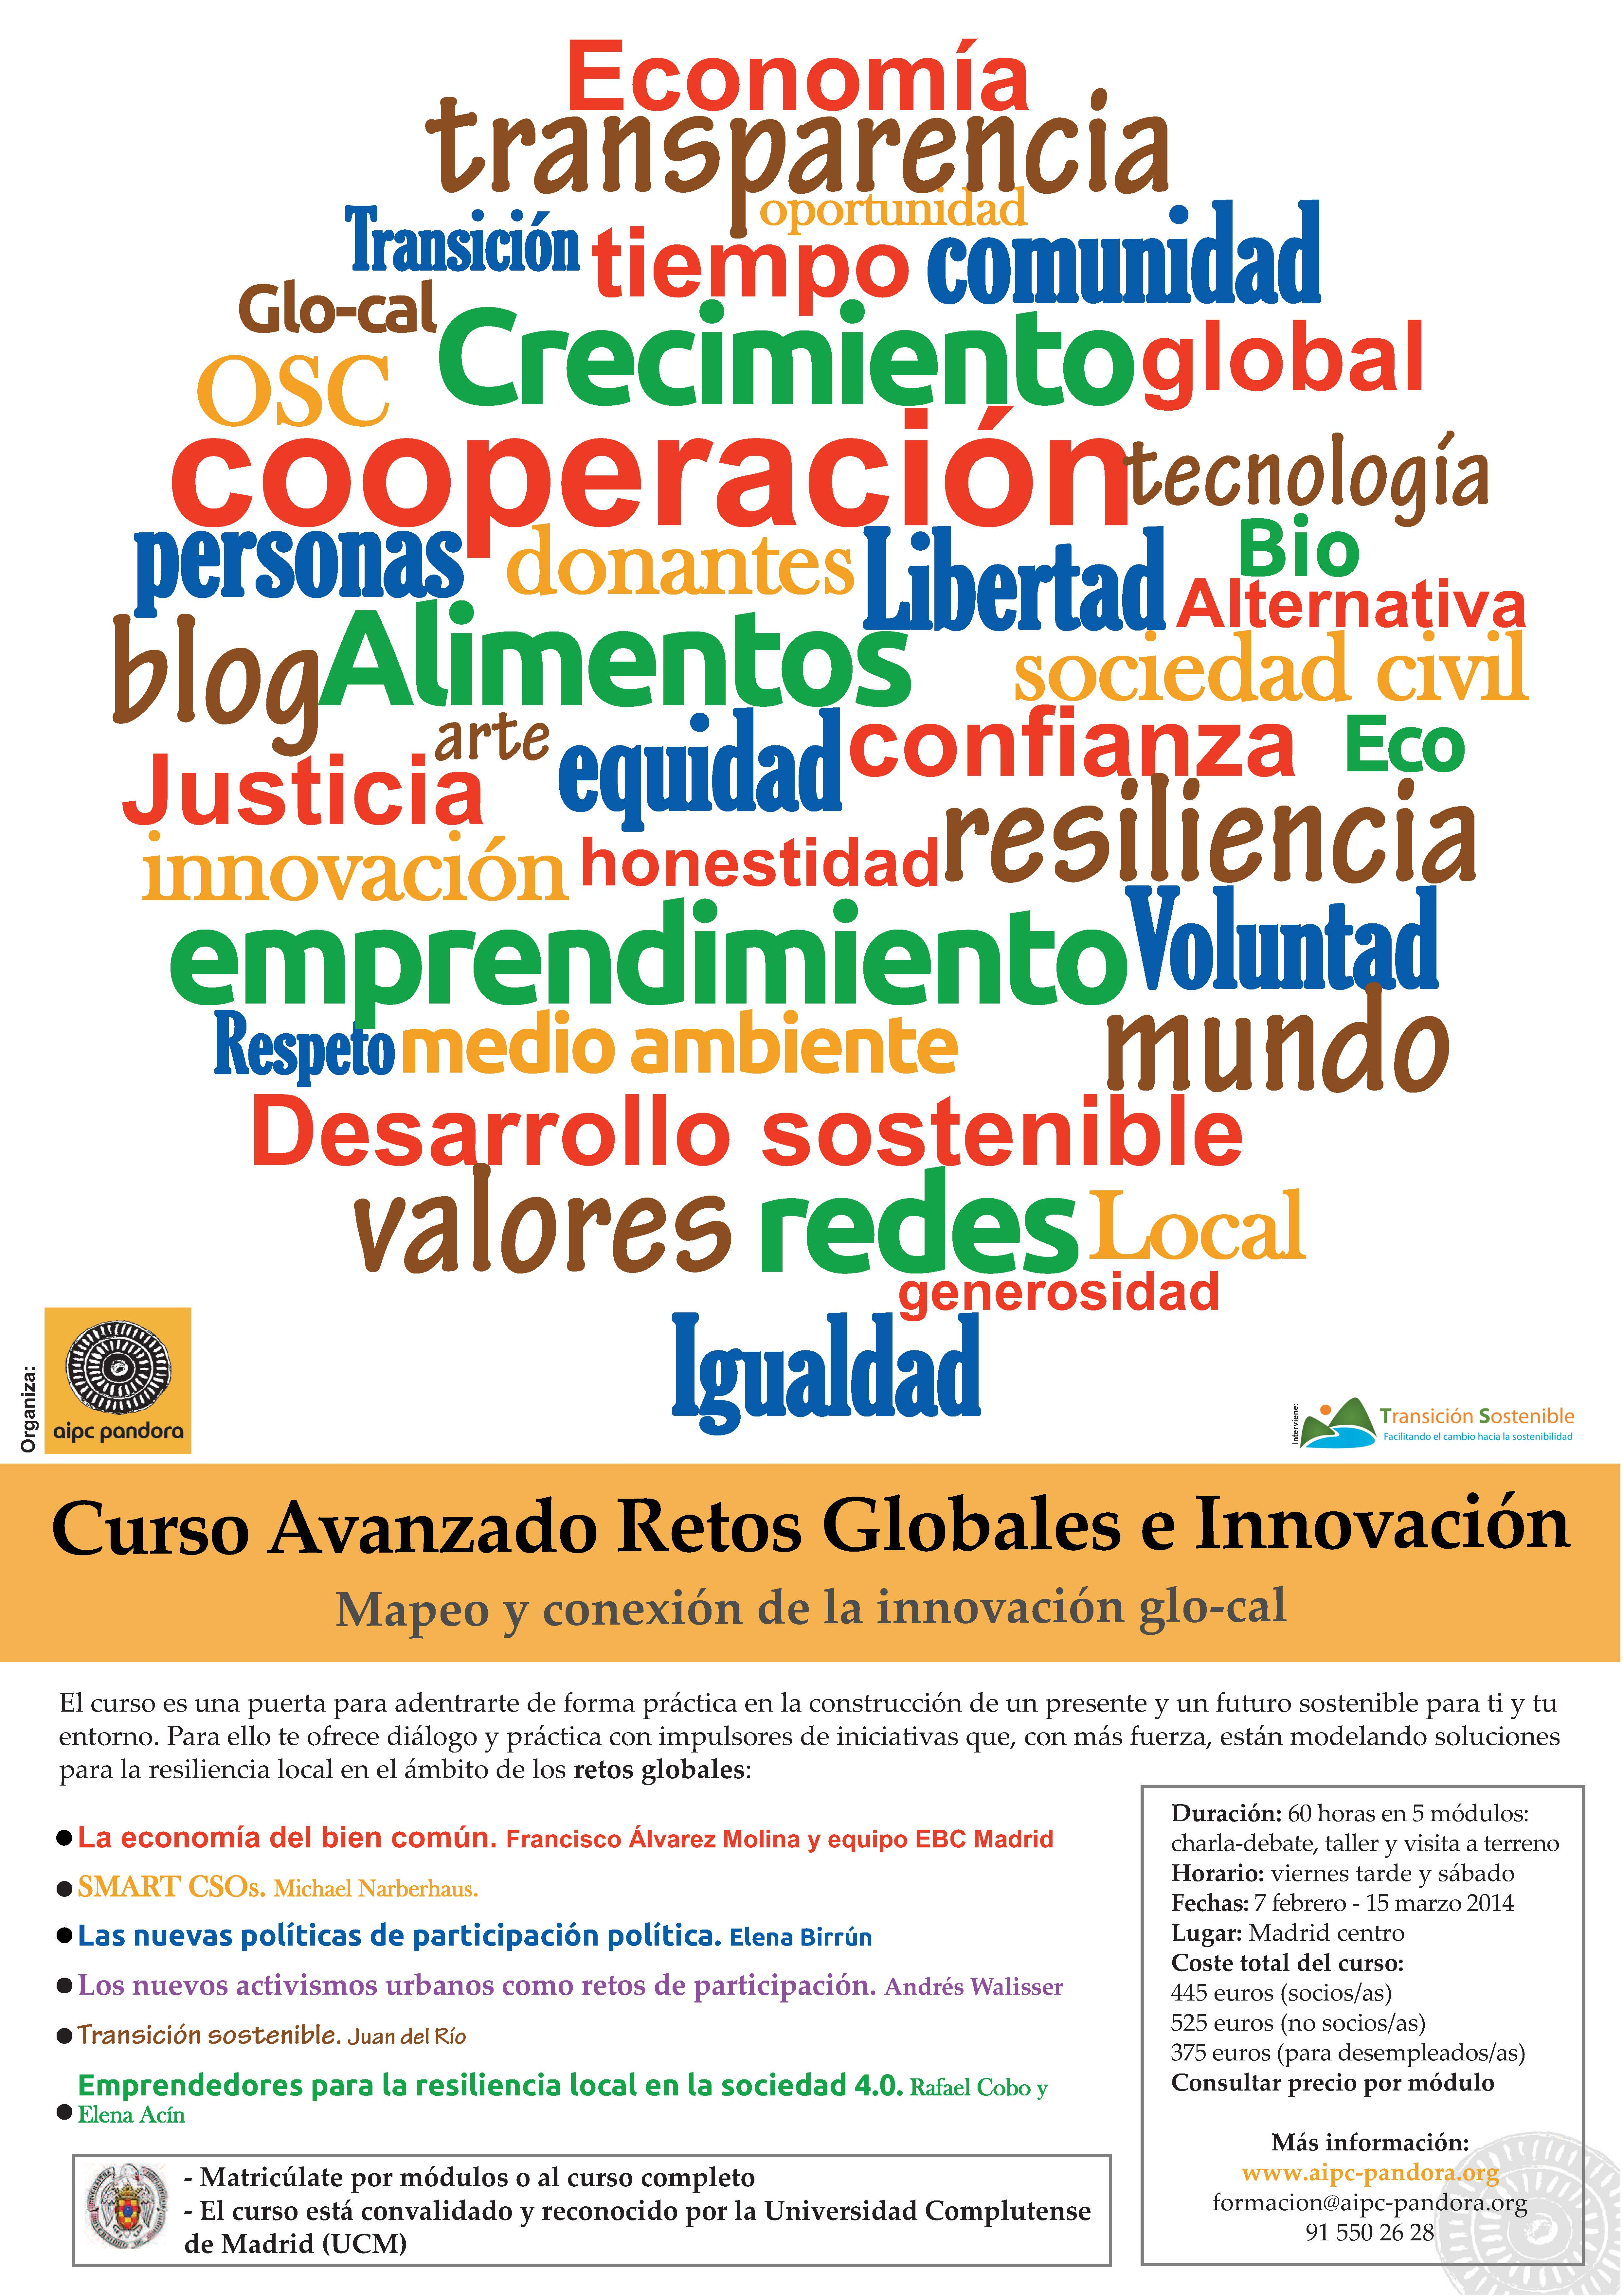 Curso Retos Globales e Innovación - Mapeo de la innovación Glo-cal - Transición Sostenible